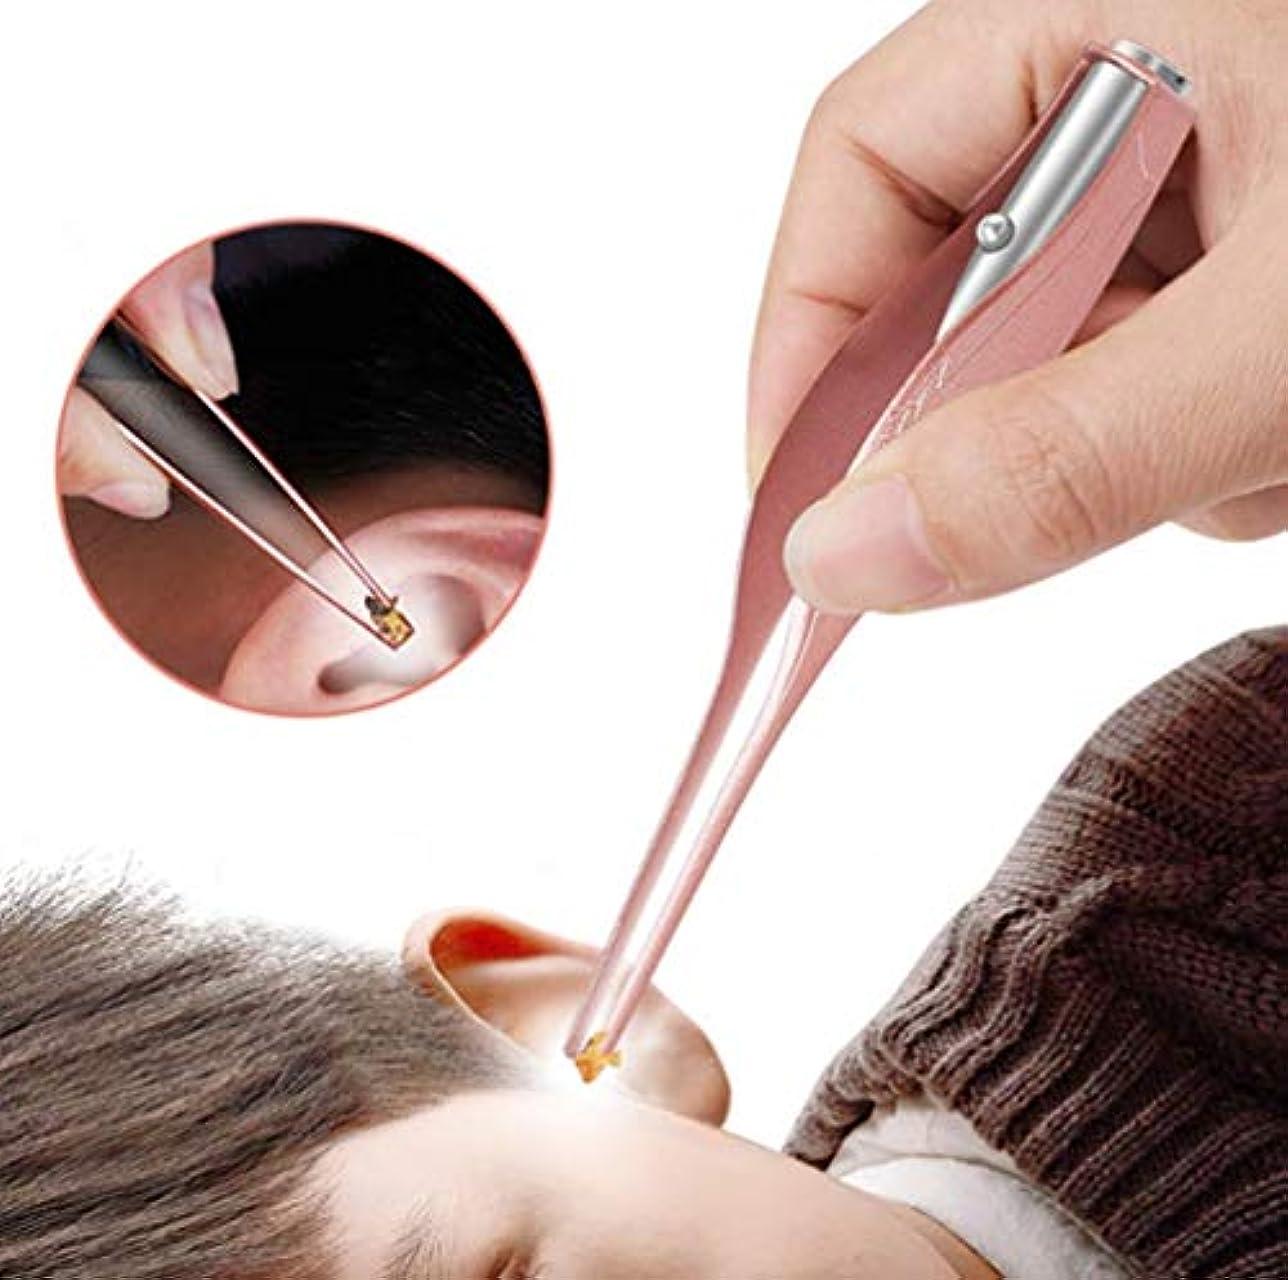 ミシン備品離れた耳かき ピンセット LEDライト付き 耳掃除 子供用 極細先端 ステンレス製 ピンセットタイプ ミミ光棒 はっきり見える 電池付き (ローズゴールド)